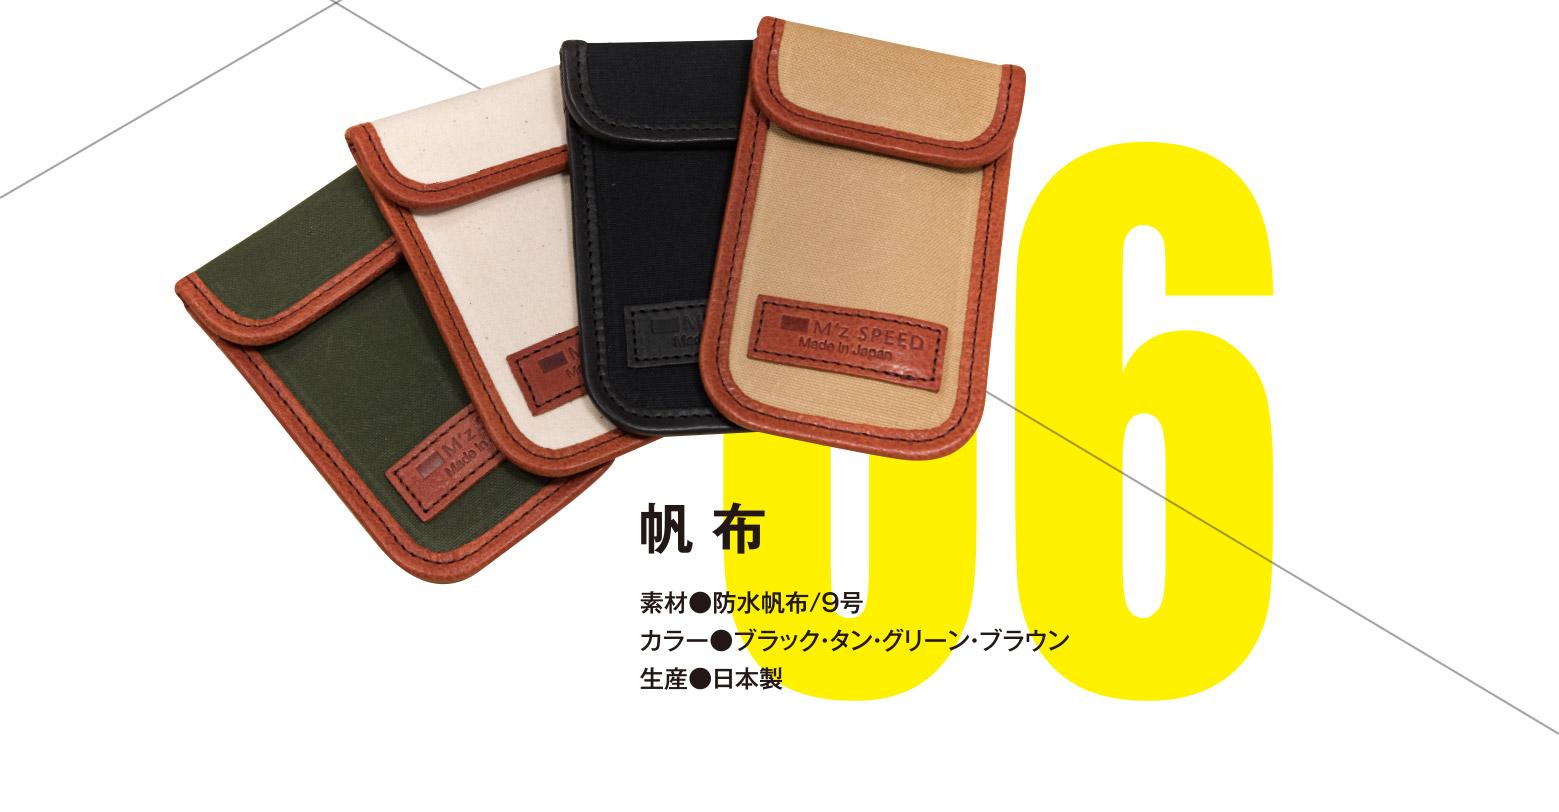 06 帆布 素材●防水帆布/9号 付属●キーリング付き カラー●ブラック・タン・グリーン・ブラウン 生産●日本製